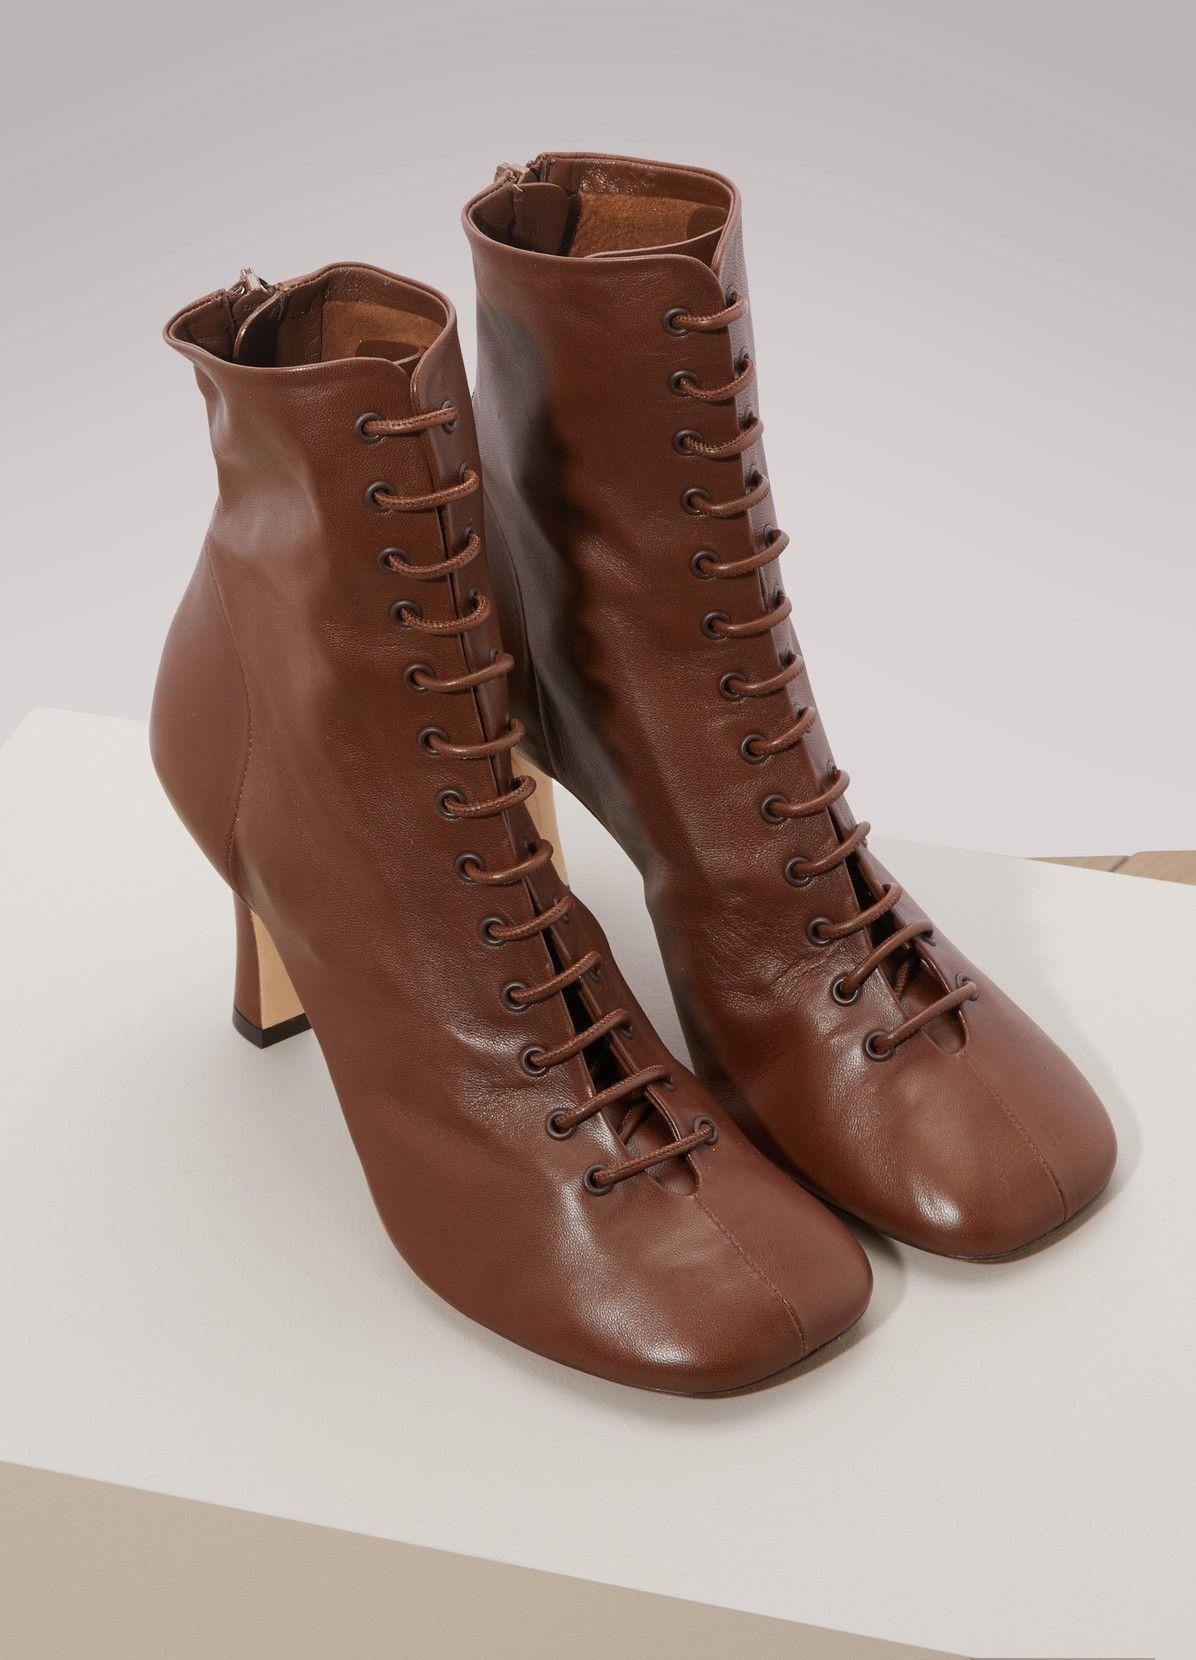 5f624e1e9a9a CELINE Glove ankle boots | p e t a l s in 2019 | Boots, Celine, Fashion